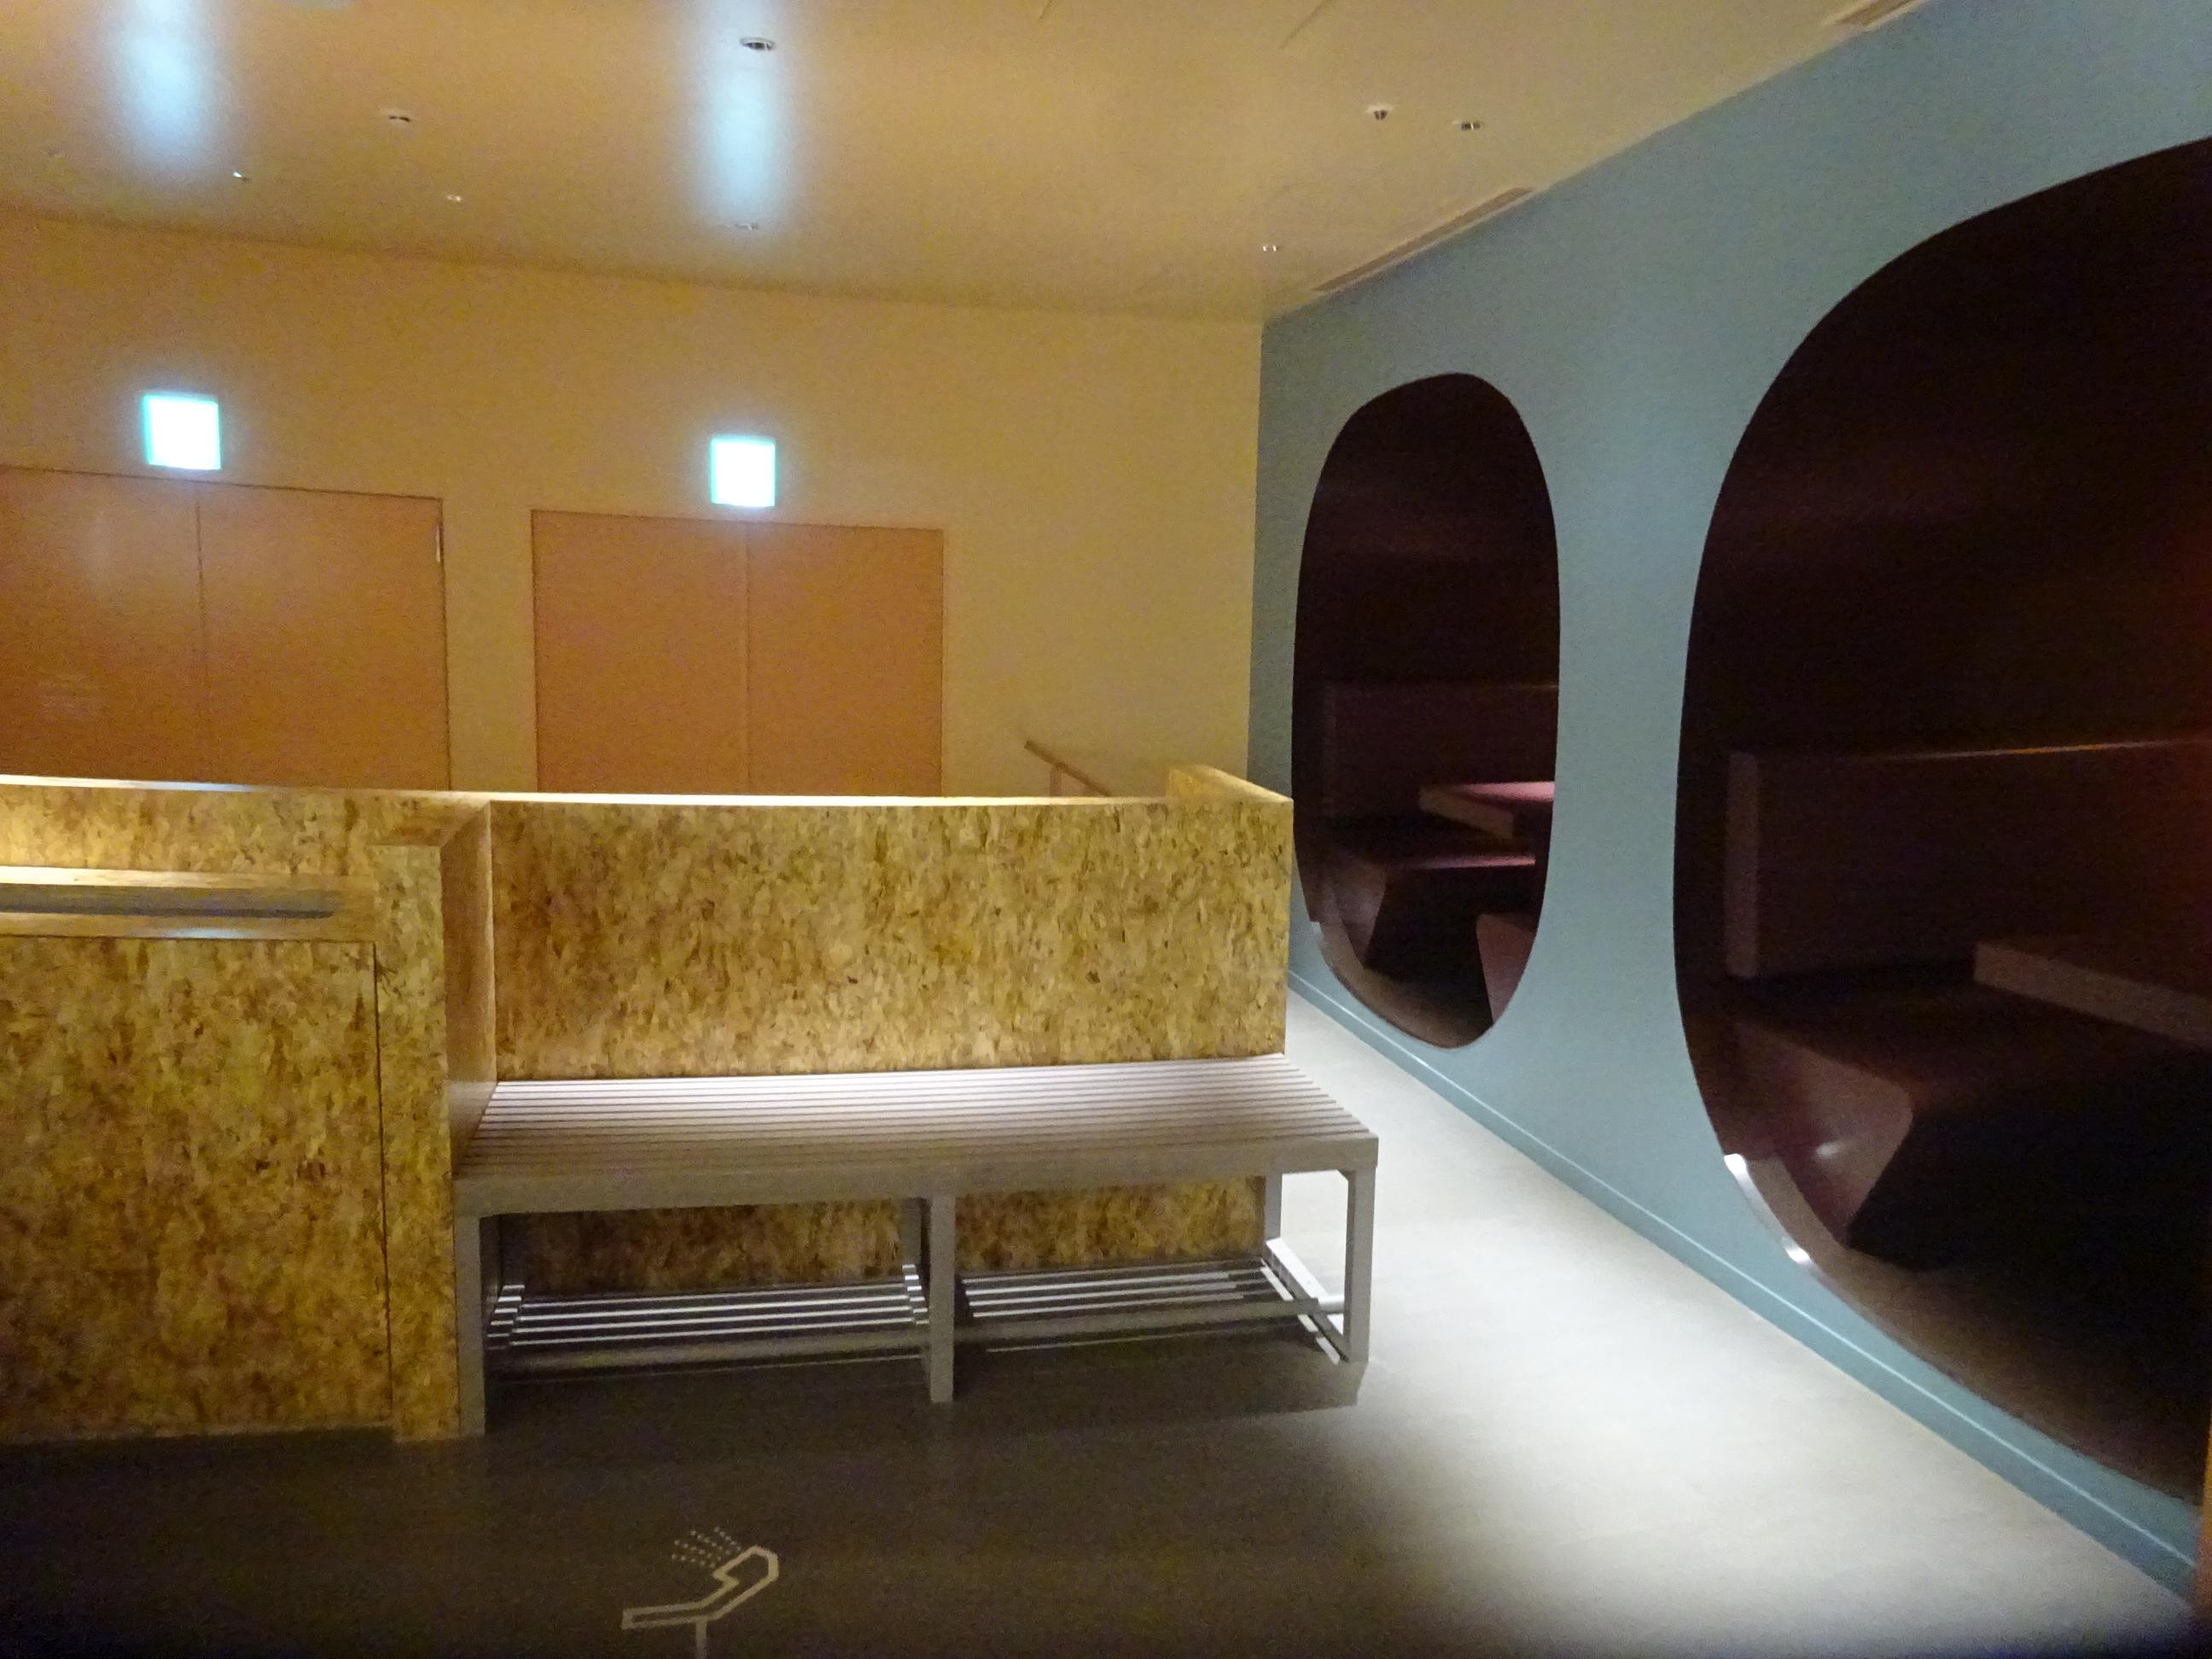 難波で宿泊したカプセルホテルの中の様子